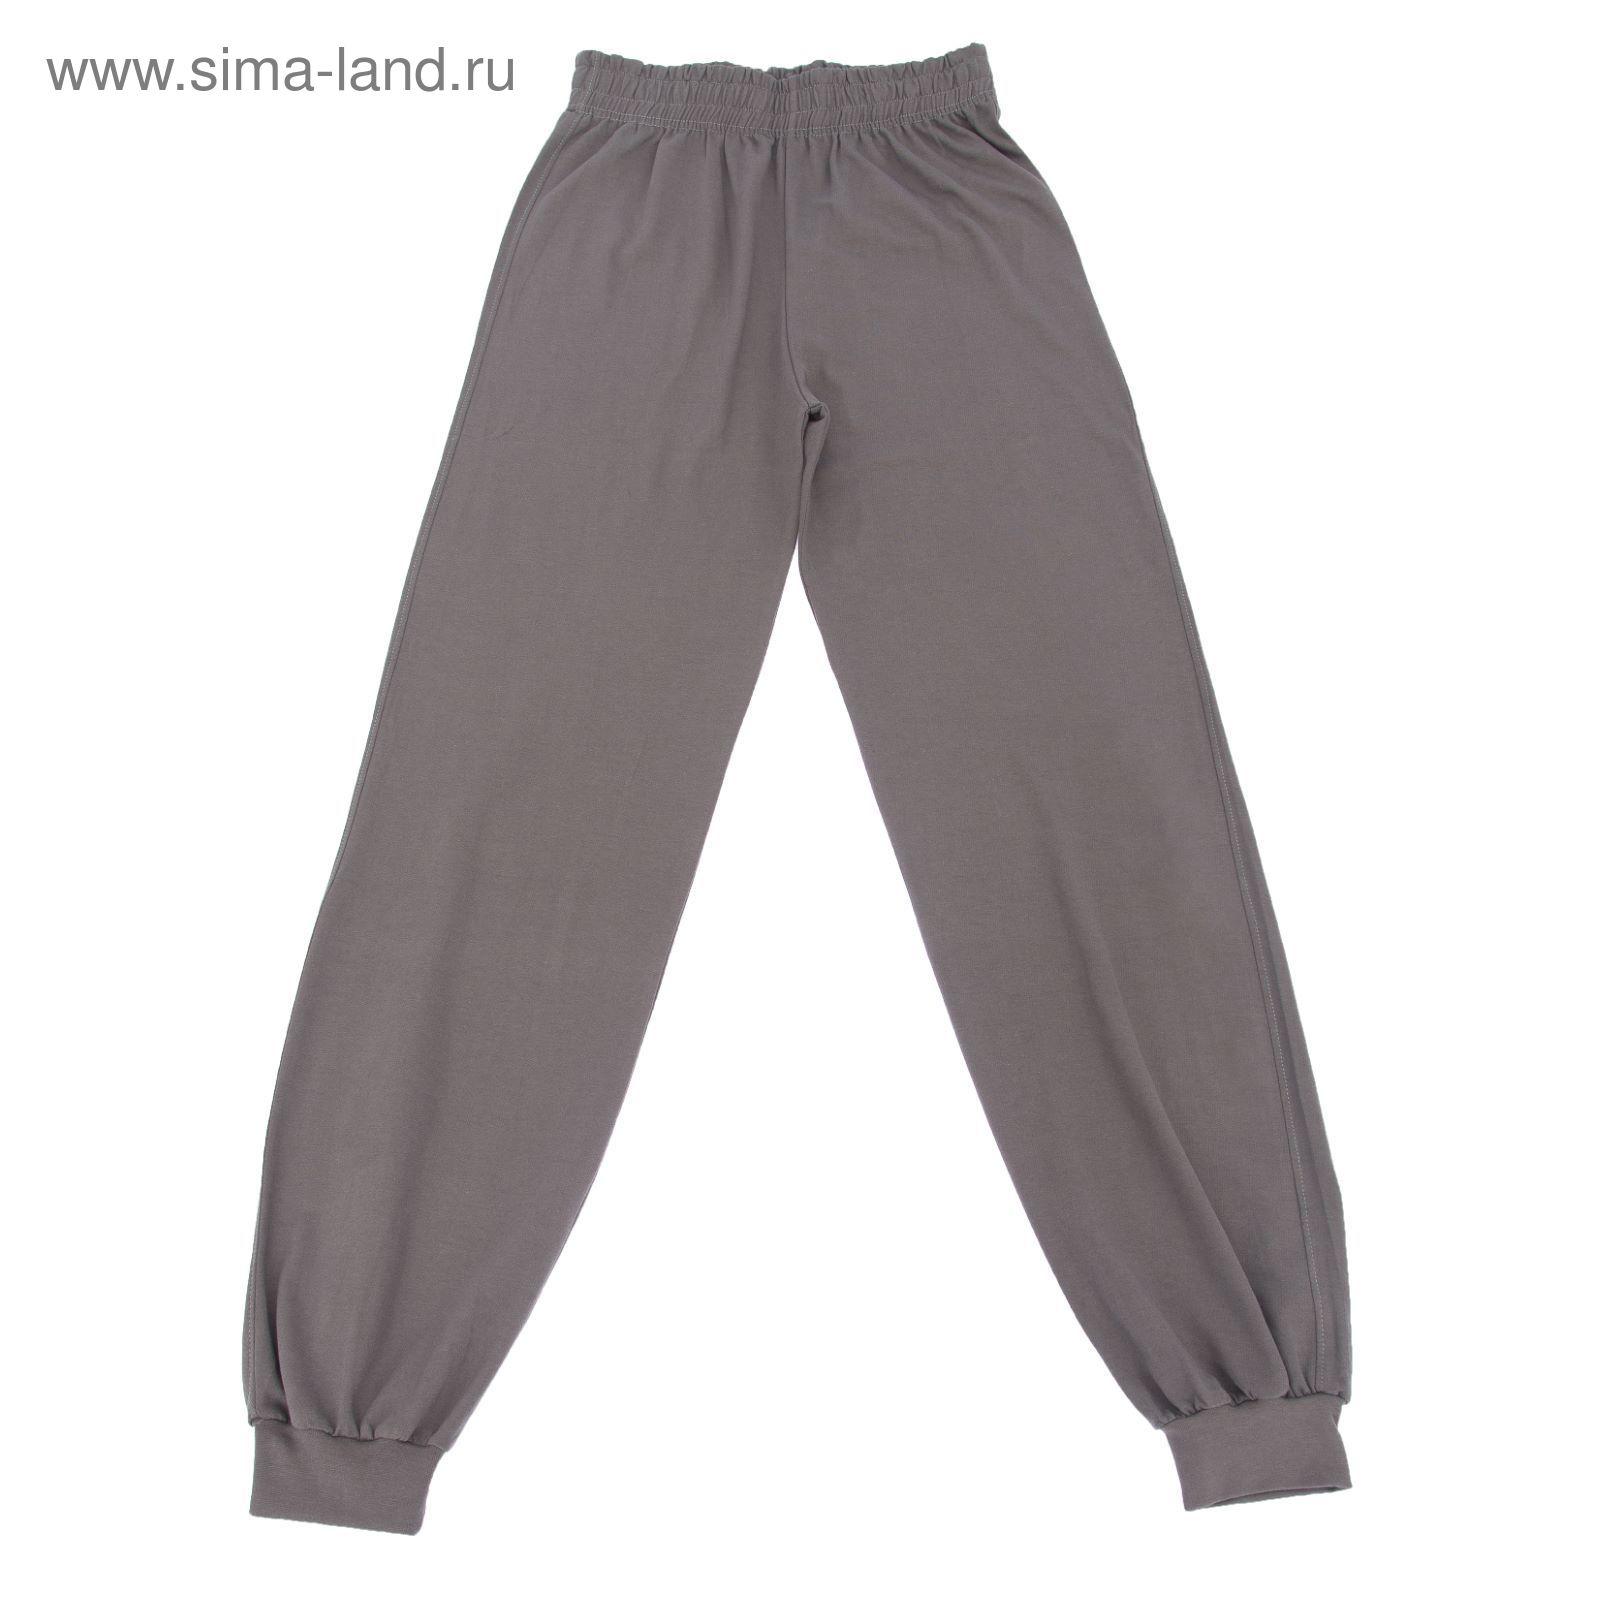 baf1081a Брюки мужские, цвет серый, размер 50 (20446) - Купить по цене от ...